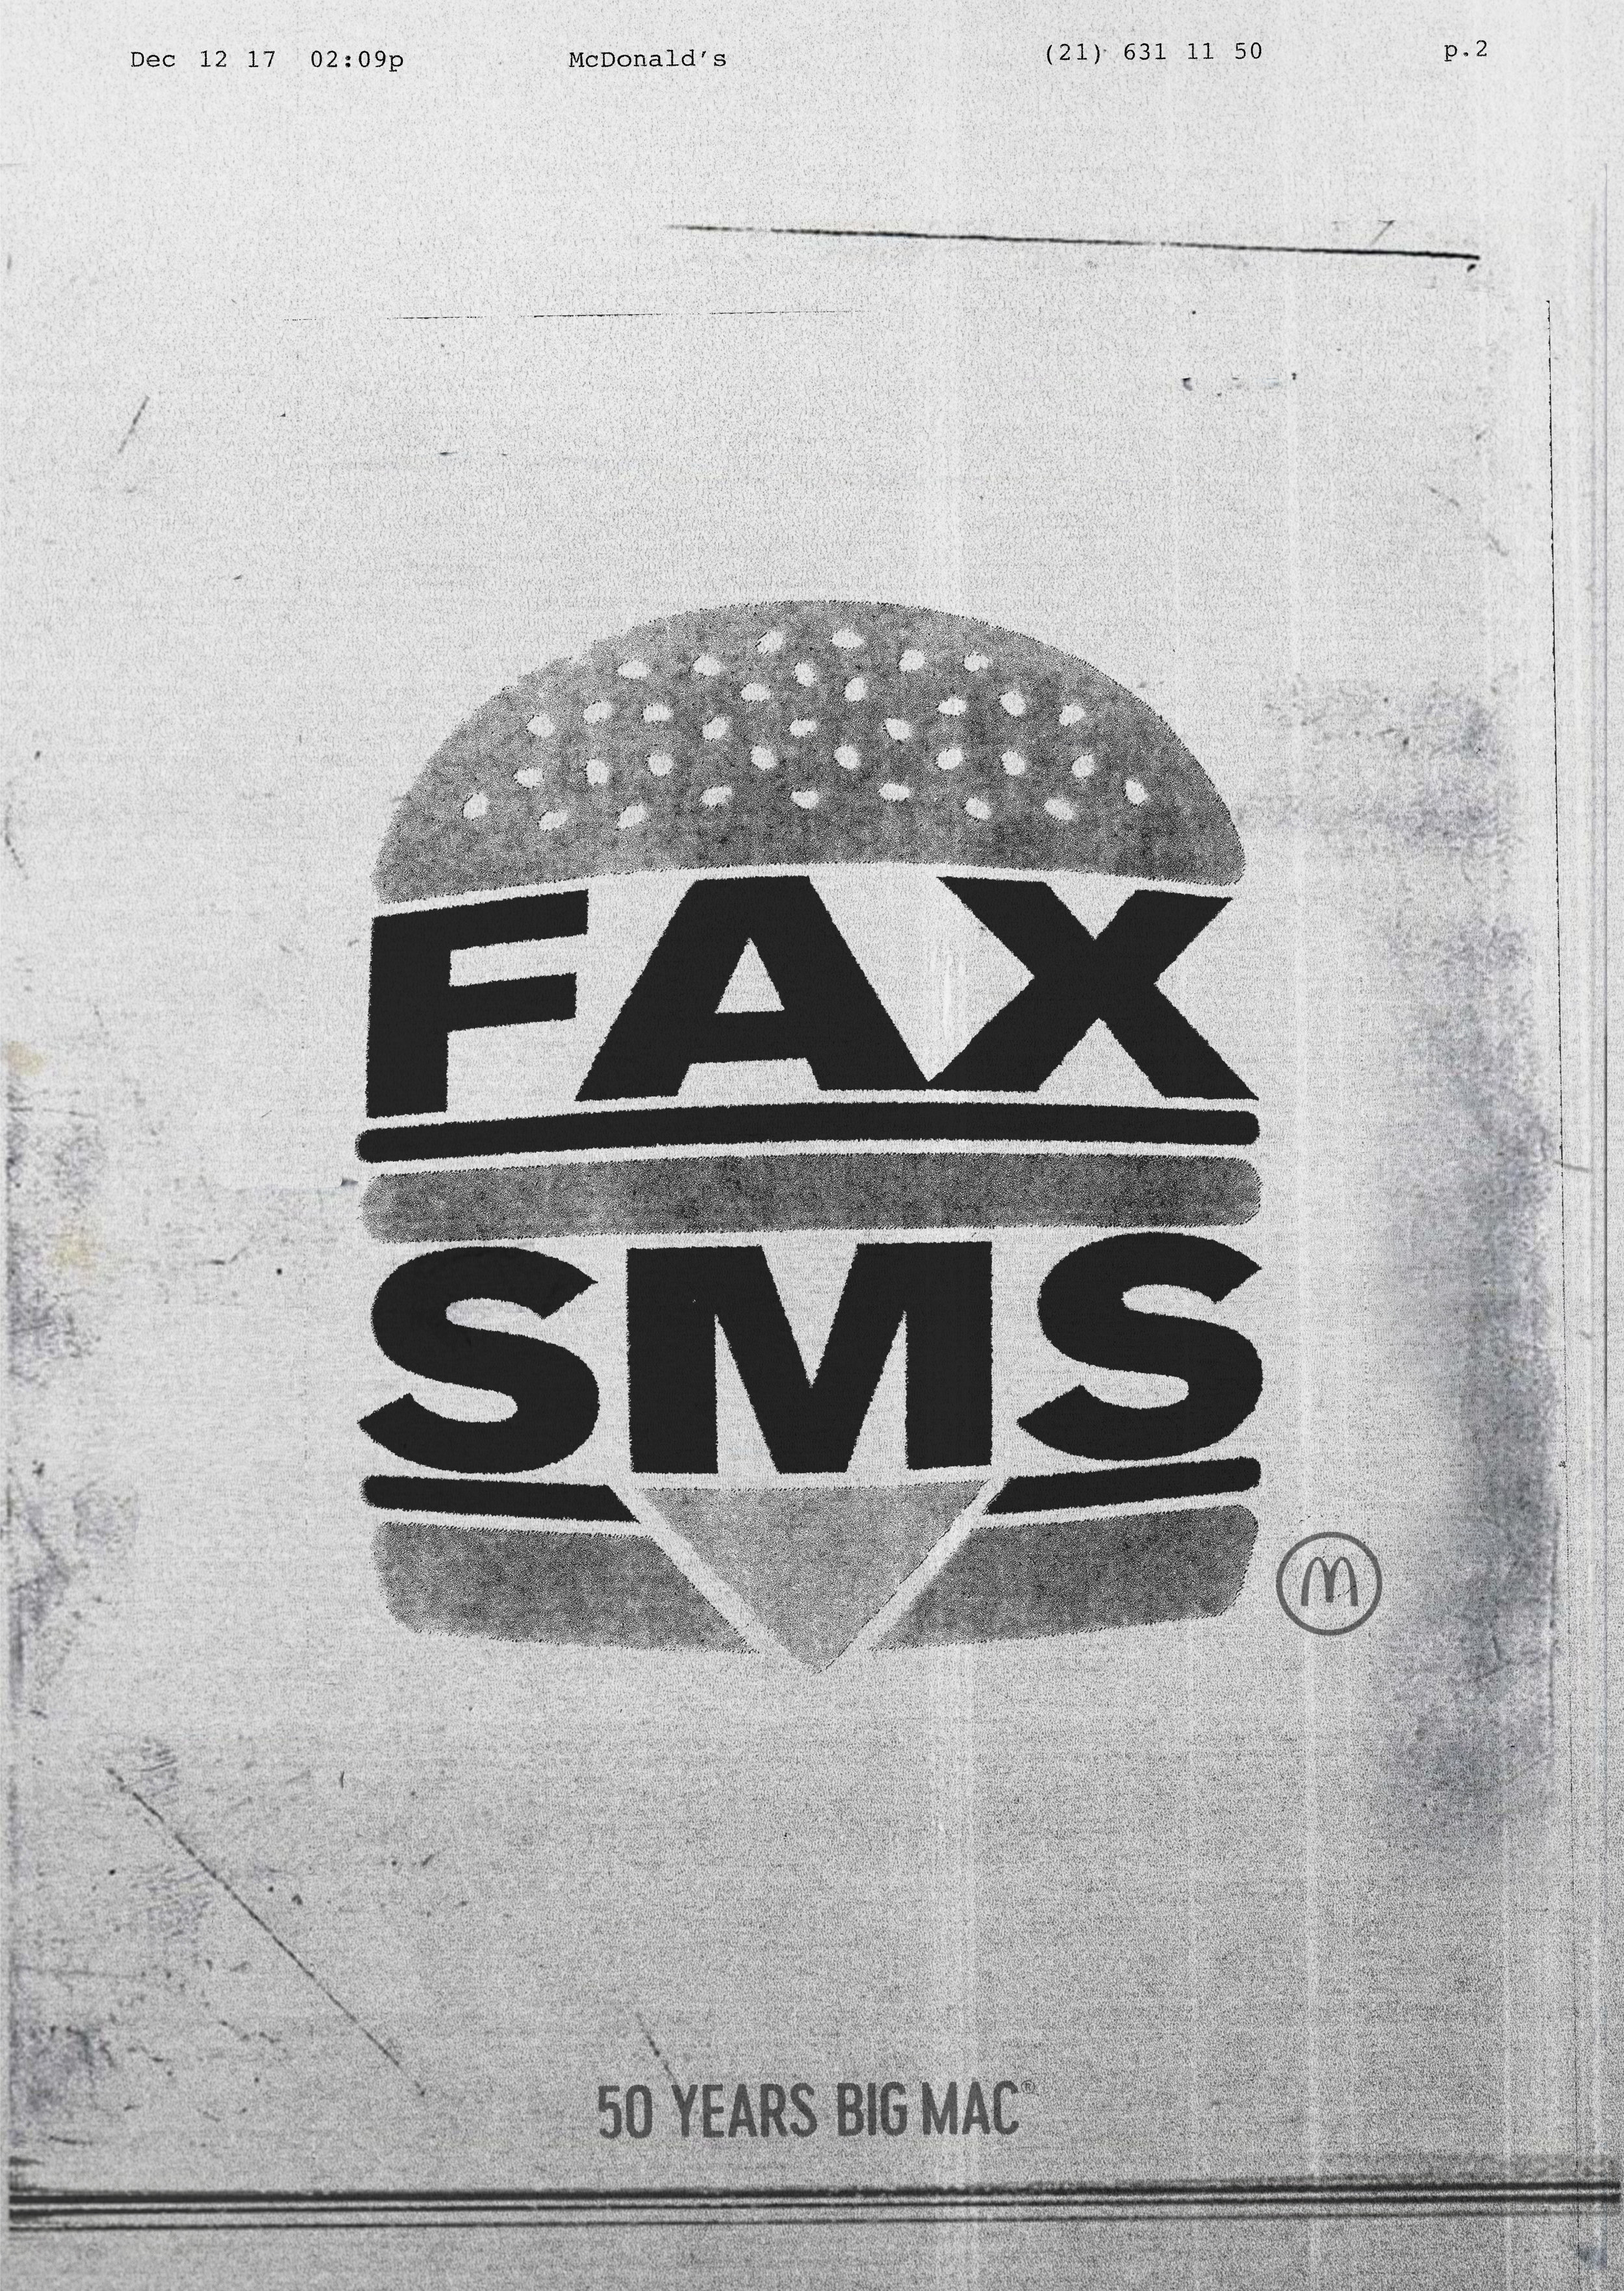 25_Fax:SMS.jpg